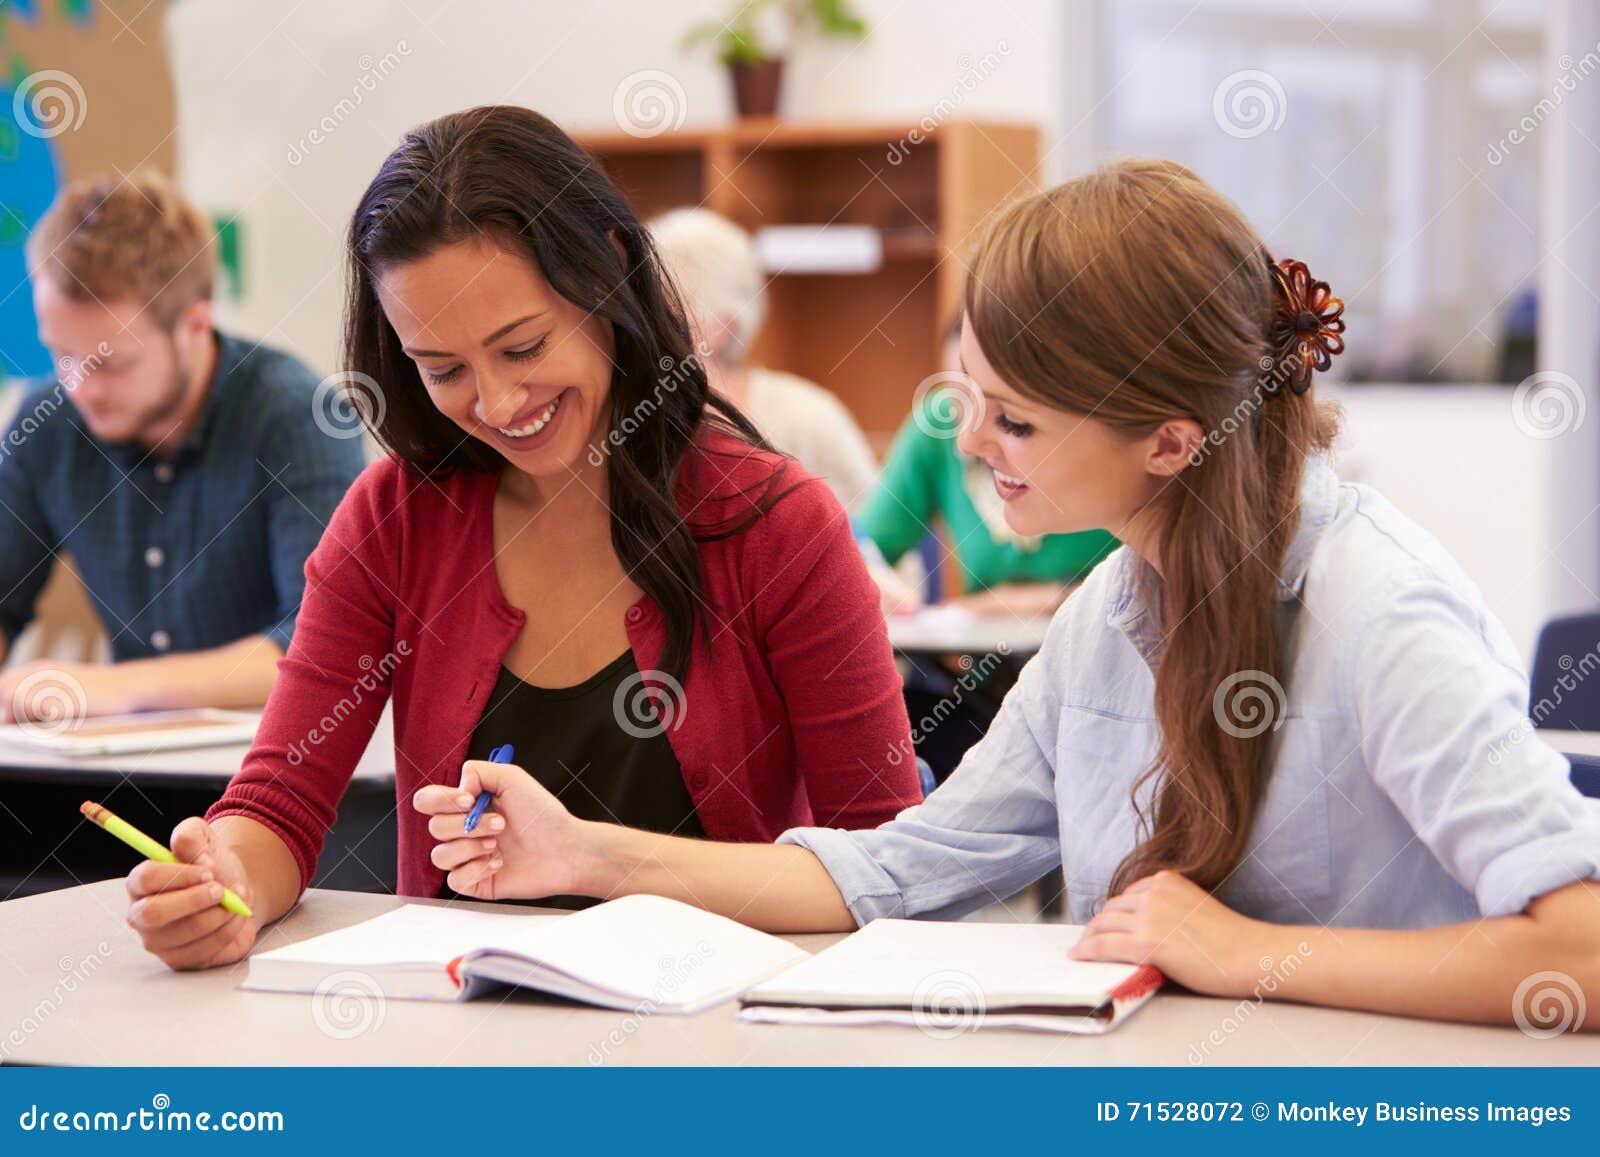 老师和学生在成人教育类